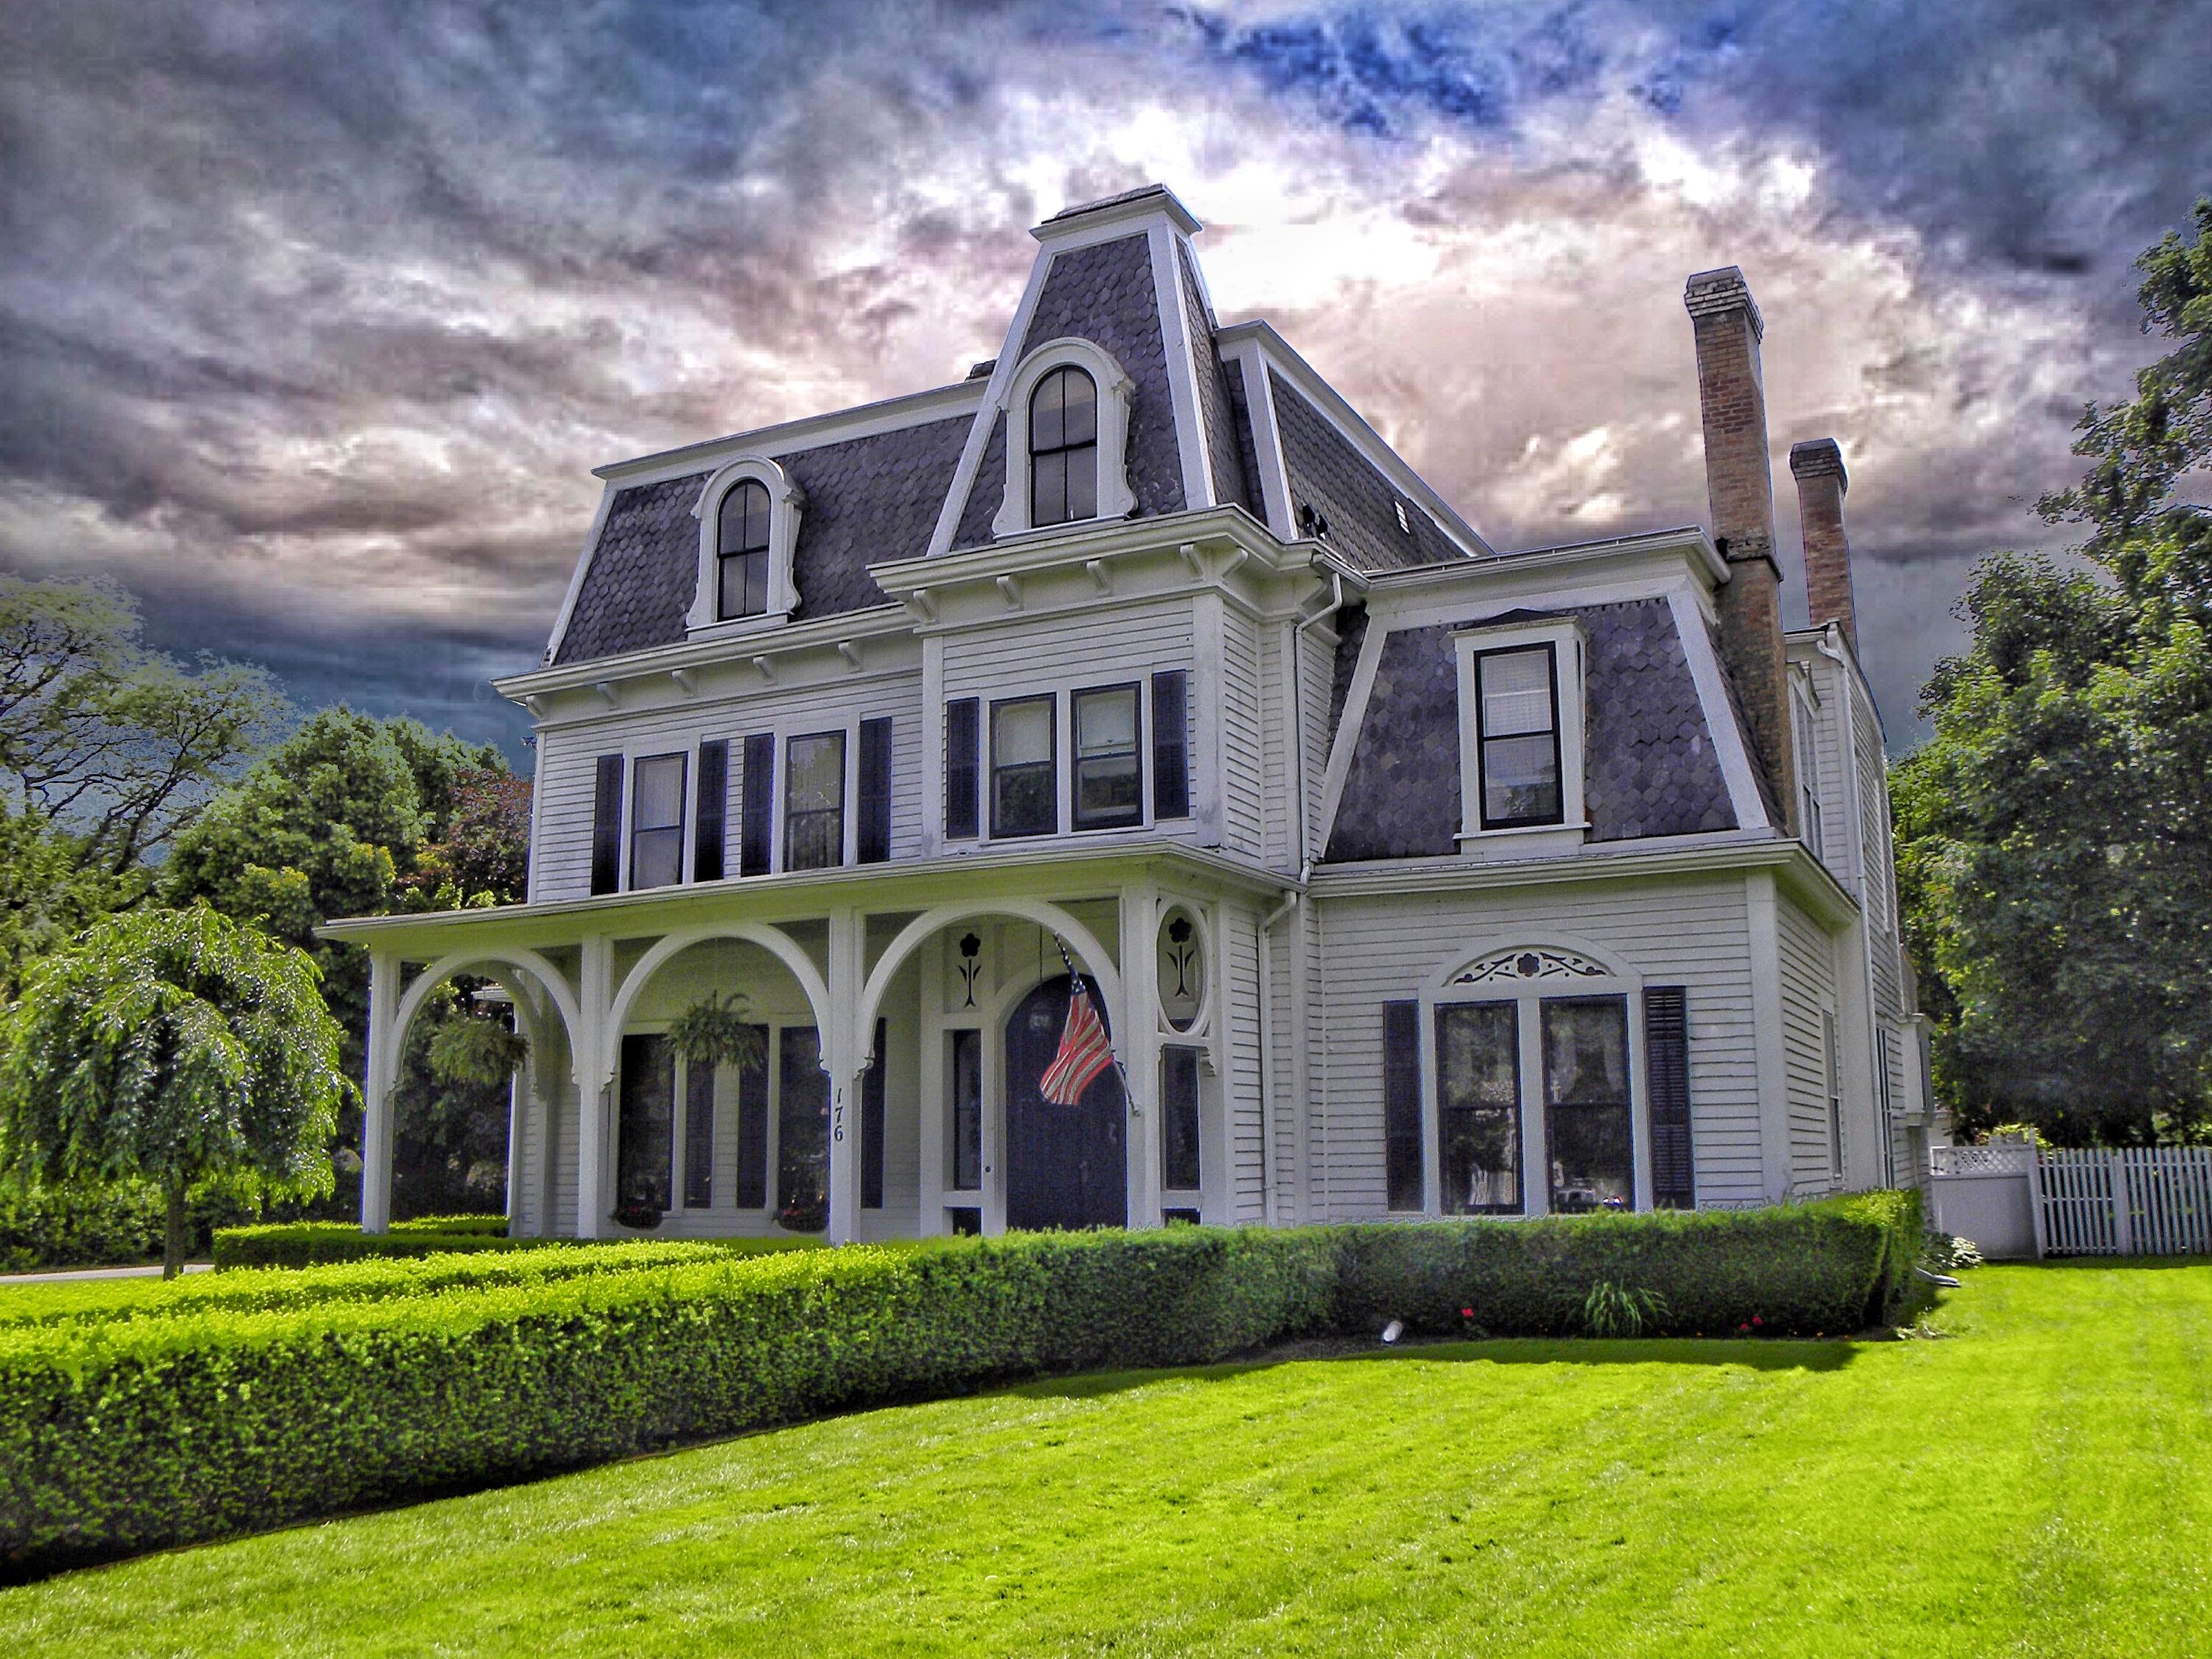 fond d 39 cran paysage fen tre architecture b timent herbe ciel maison drapeau etats. Black Bedroom Furniture Sets. Home Design Ideas